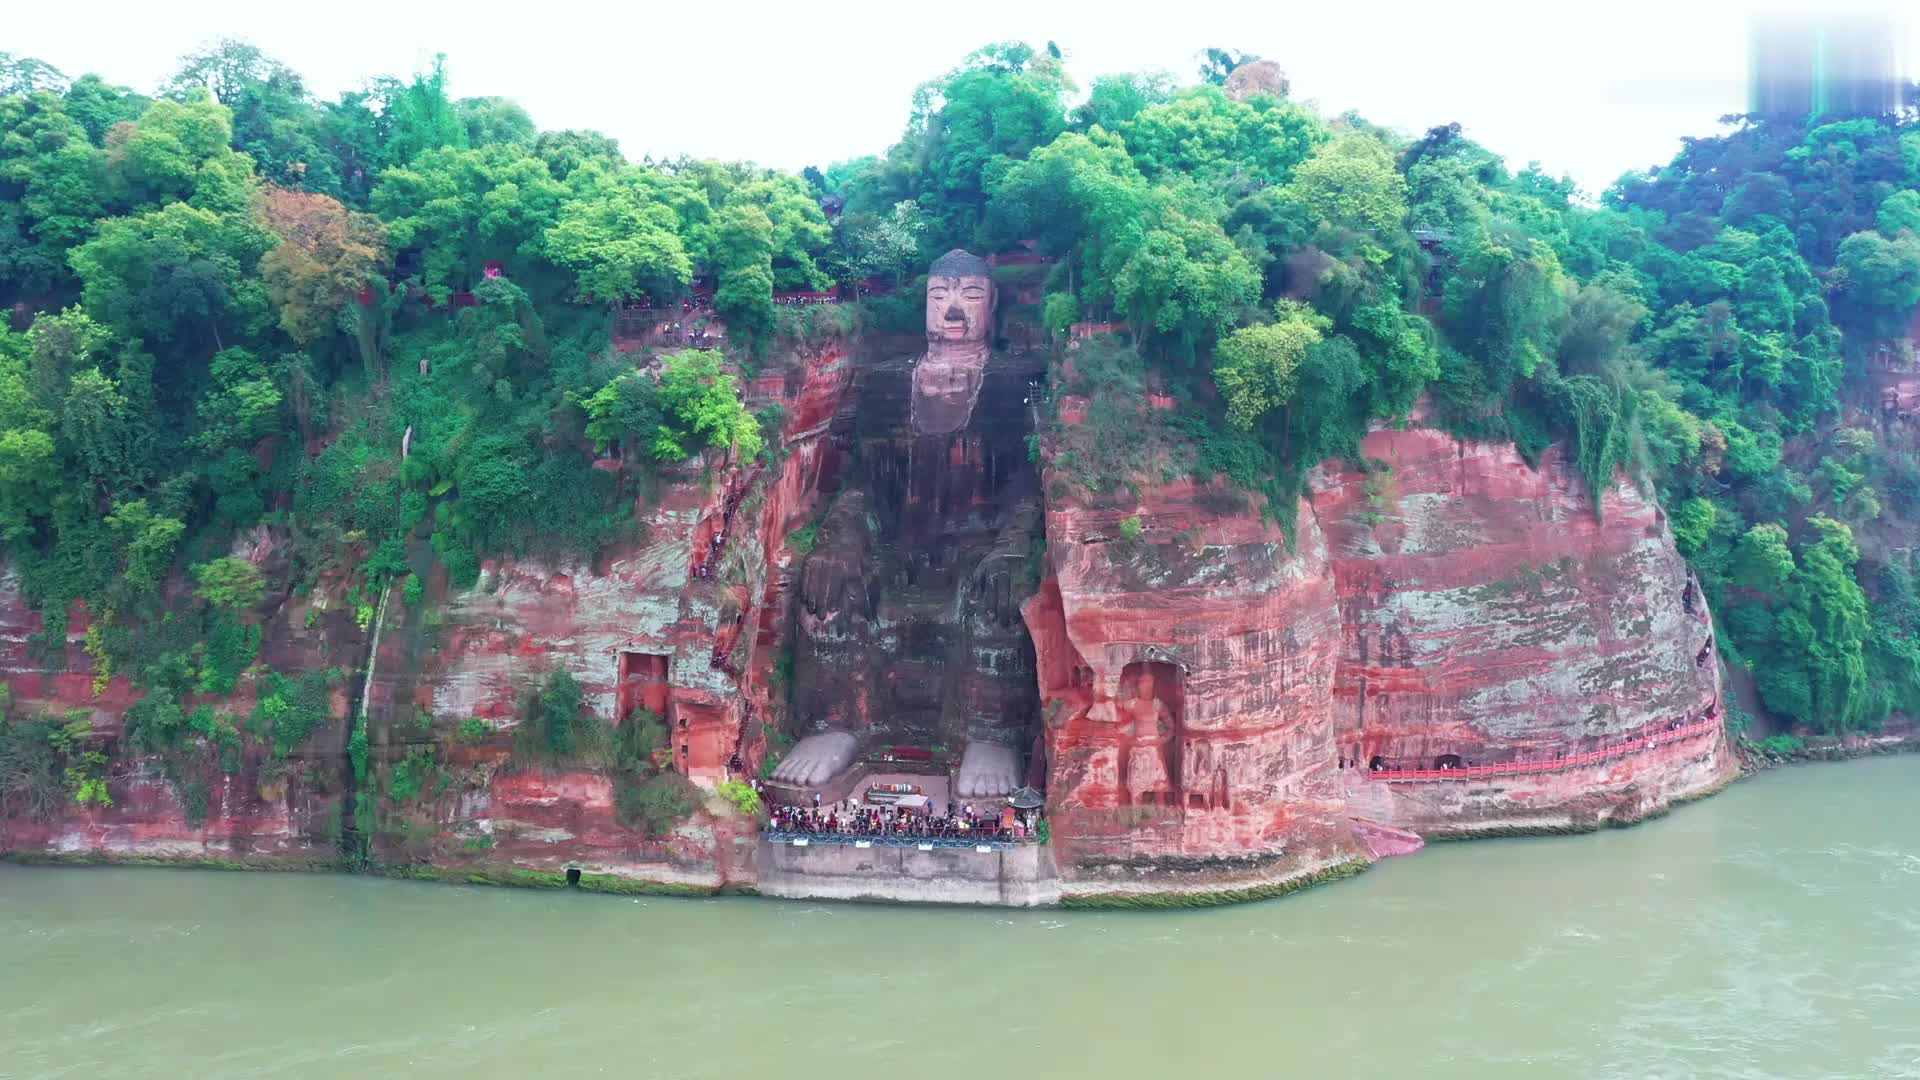 世界最高的古代雕像,唐朝开建,历经三代工匠,耗时90年